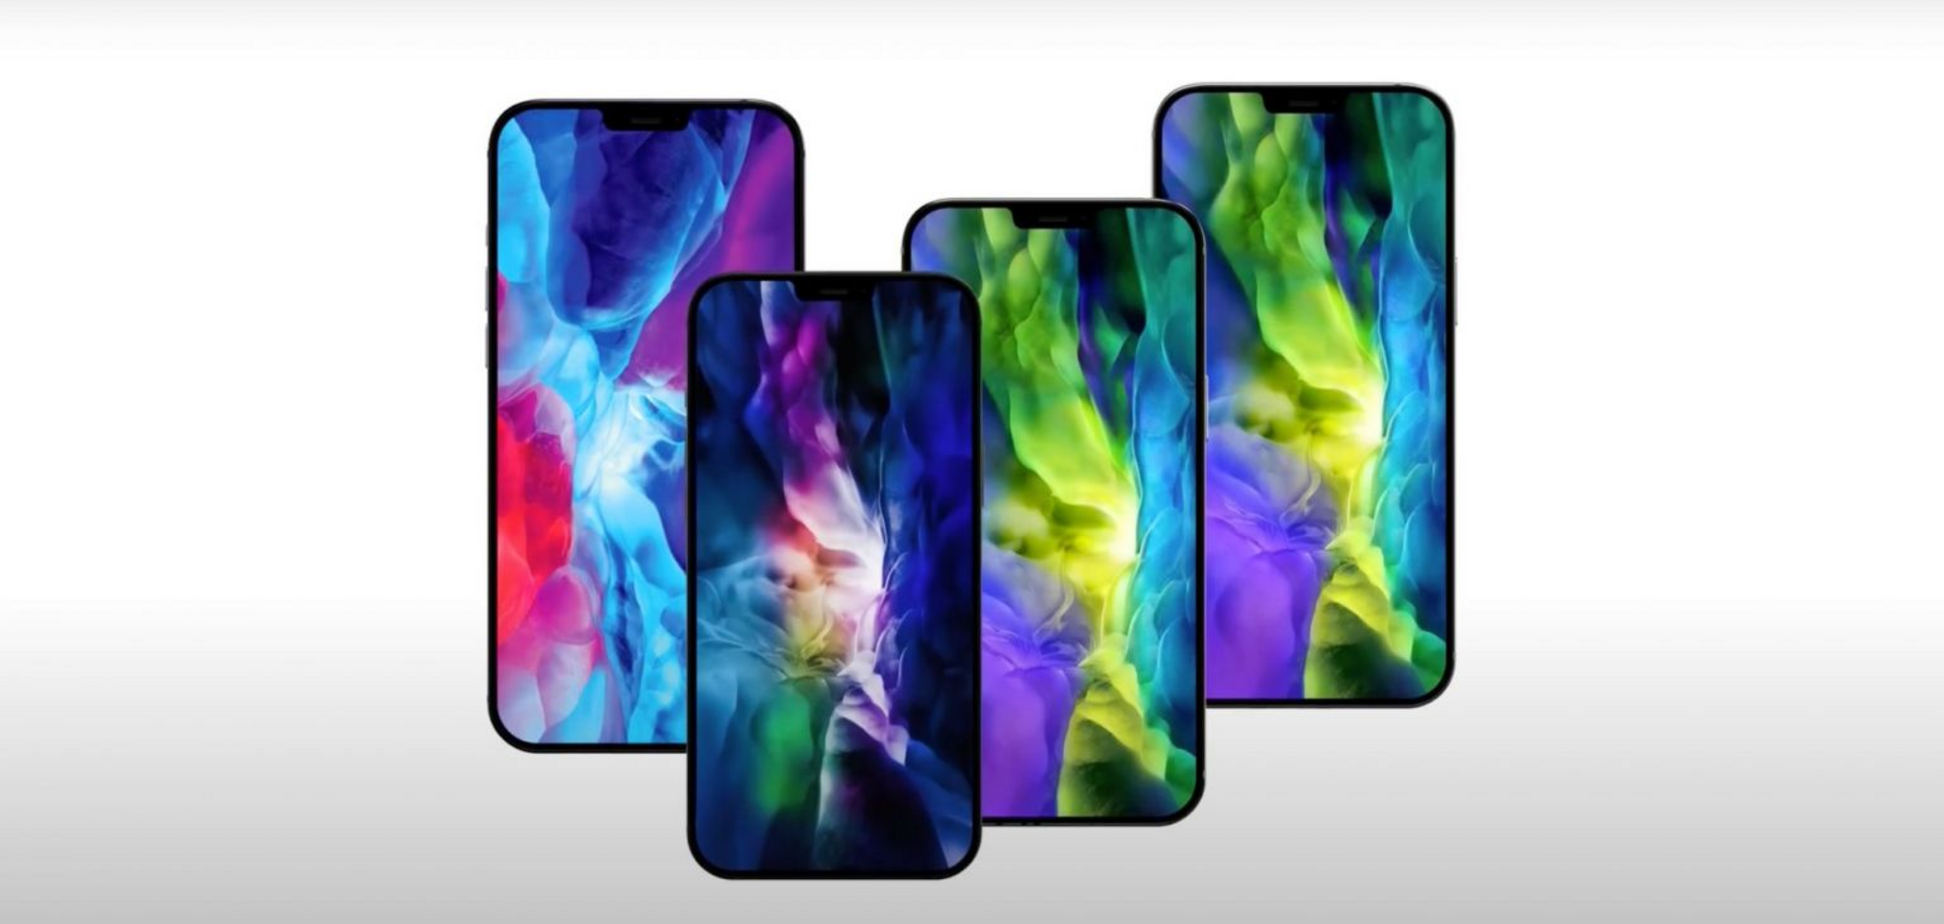 Розкрито перші подробиці iPhone 12: якою буде його особливість